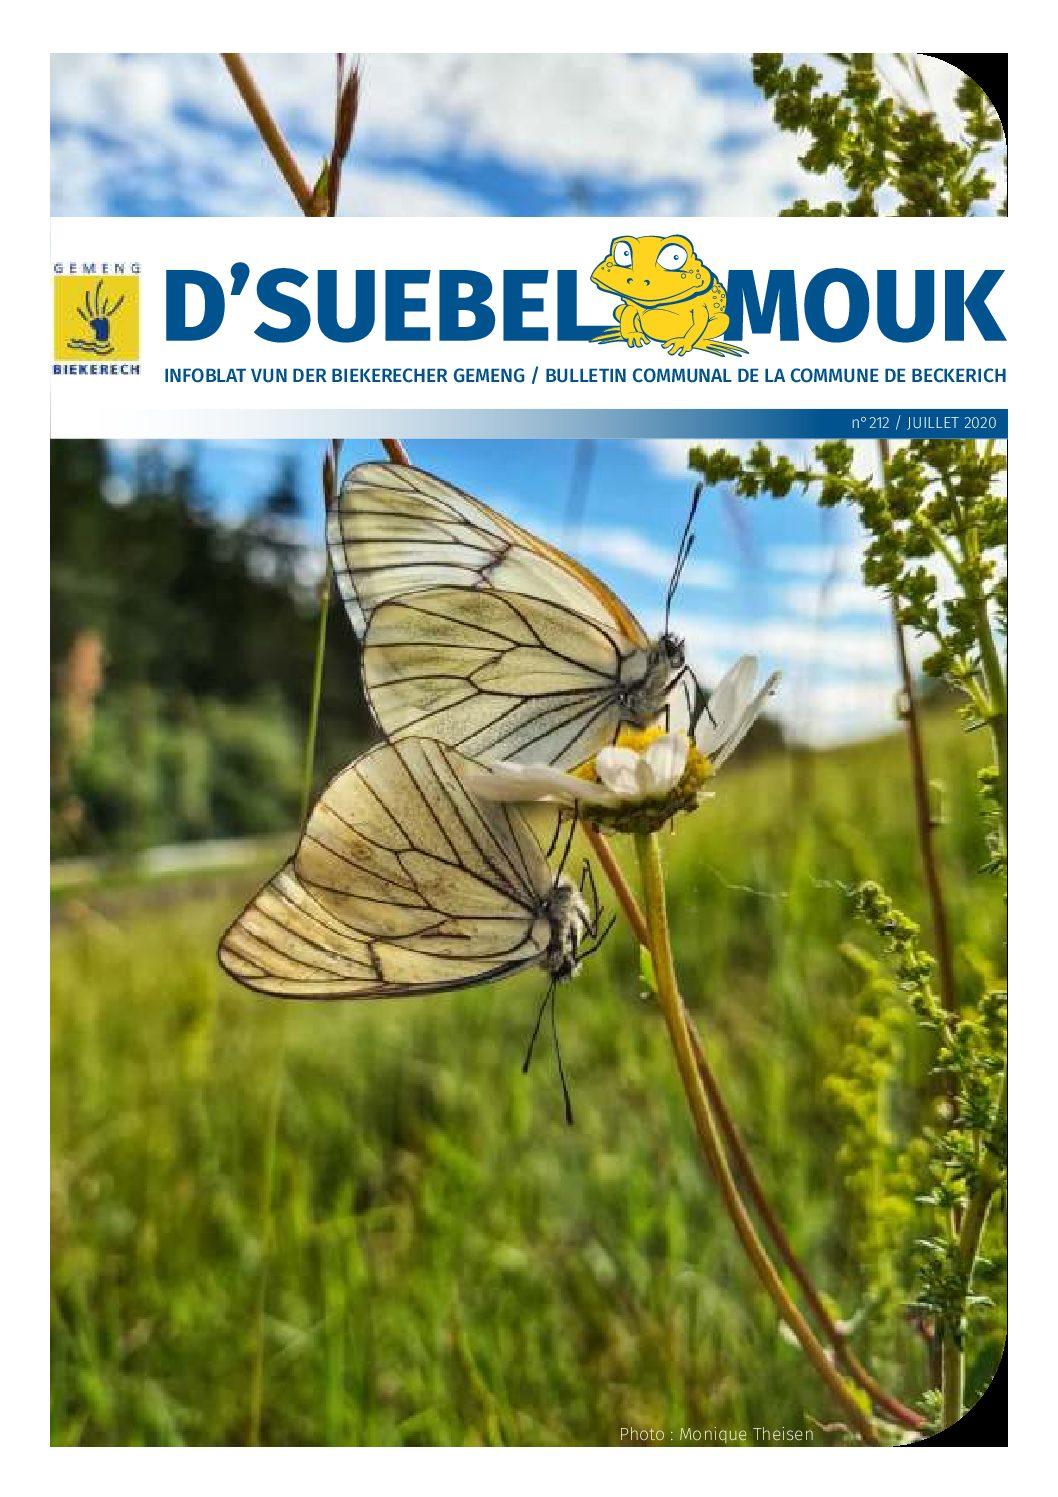 Suebelmouk 212 juillet 2020